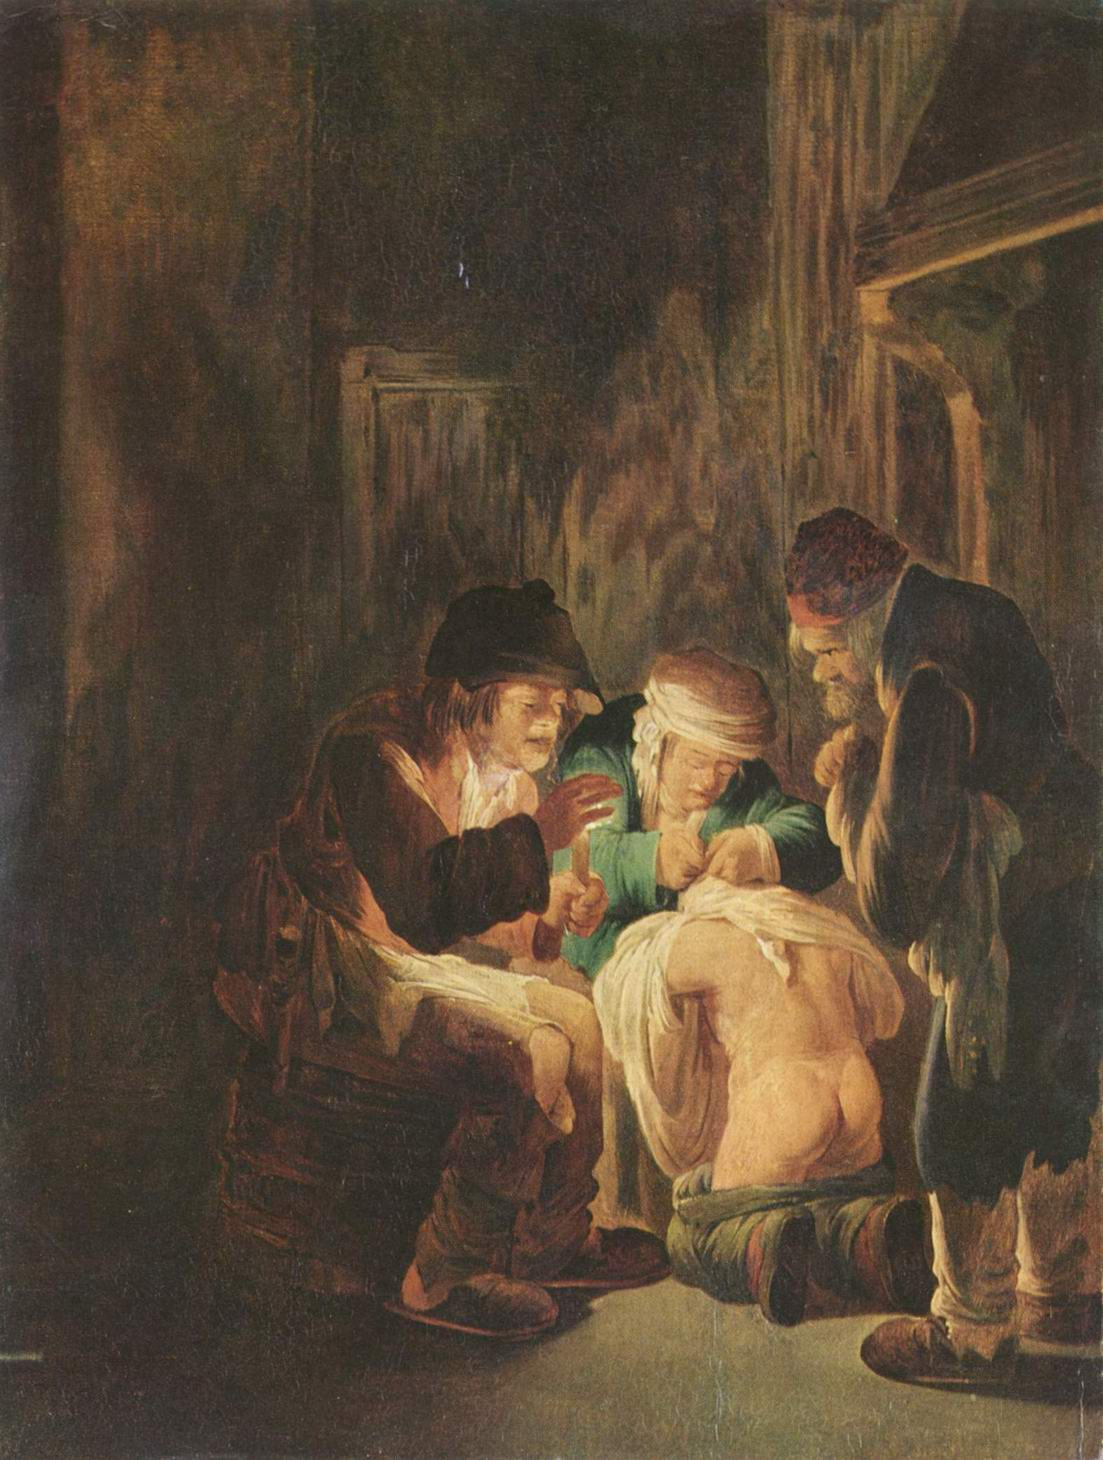 Старинные эротические рисунки англия 3 фотография